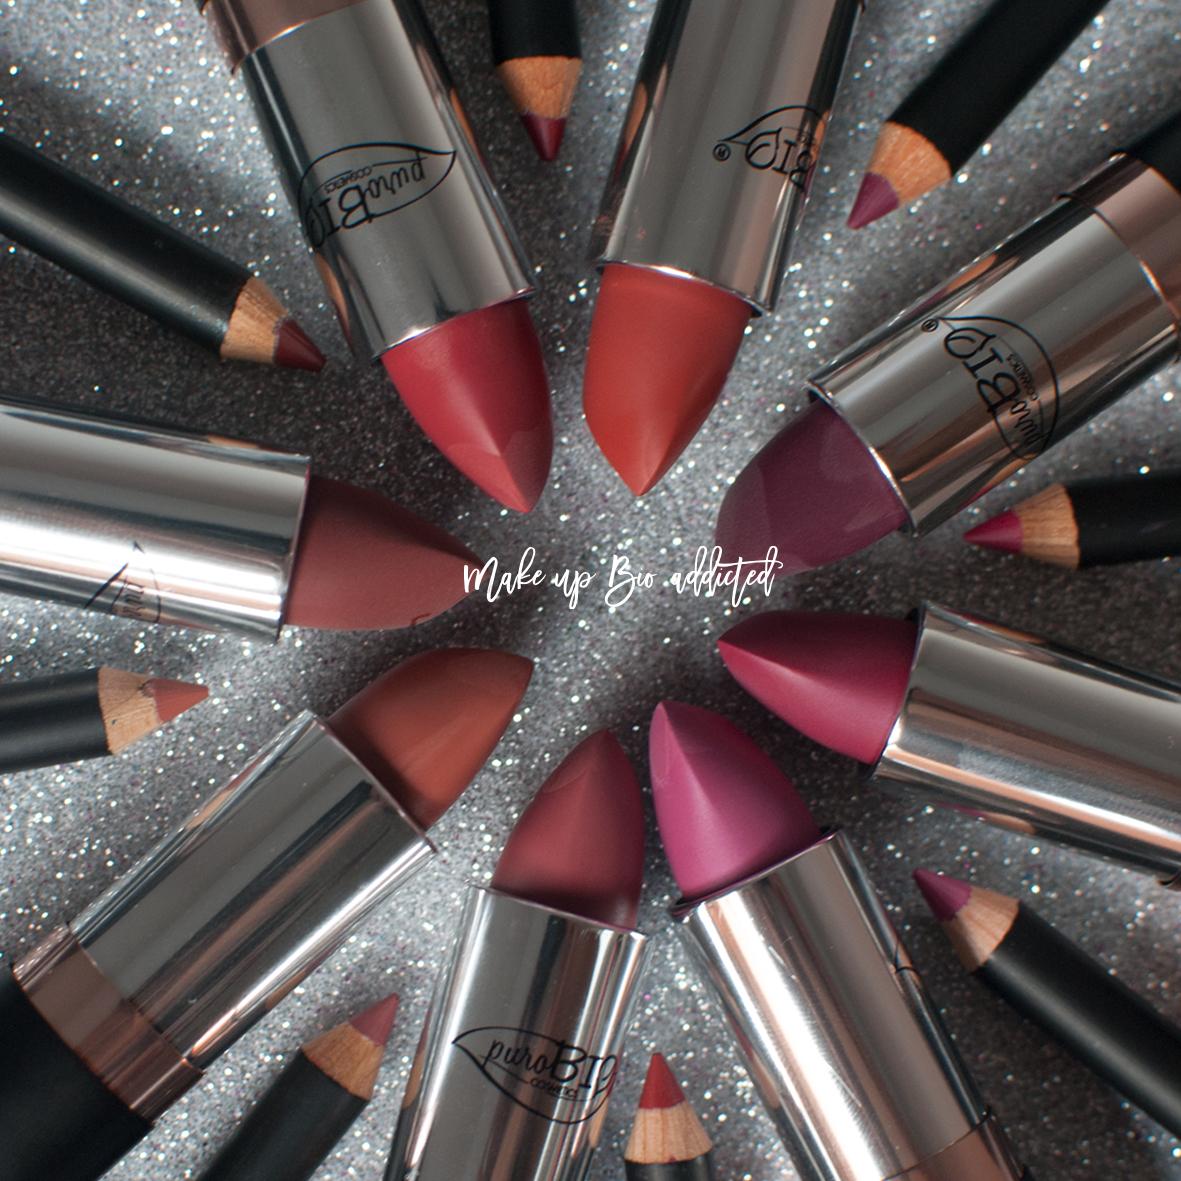 purobio lipstick